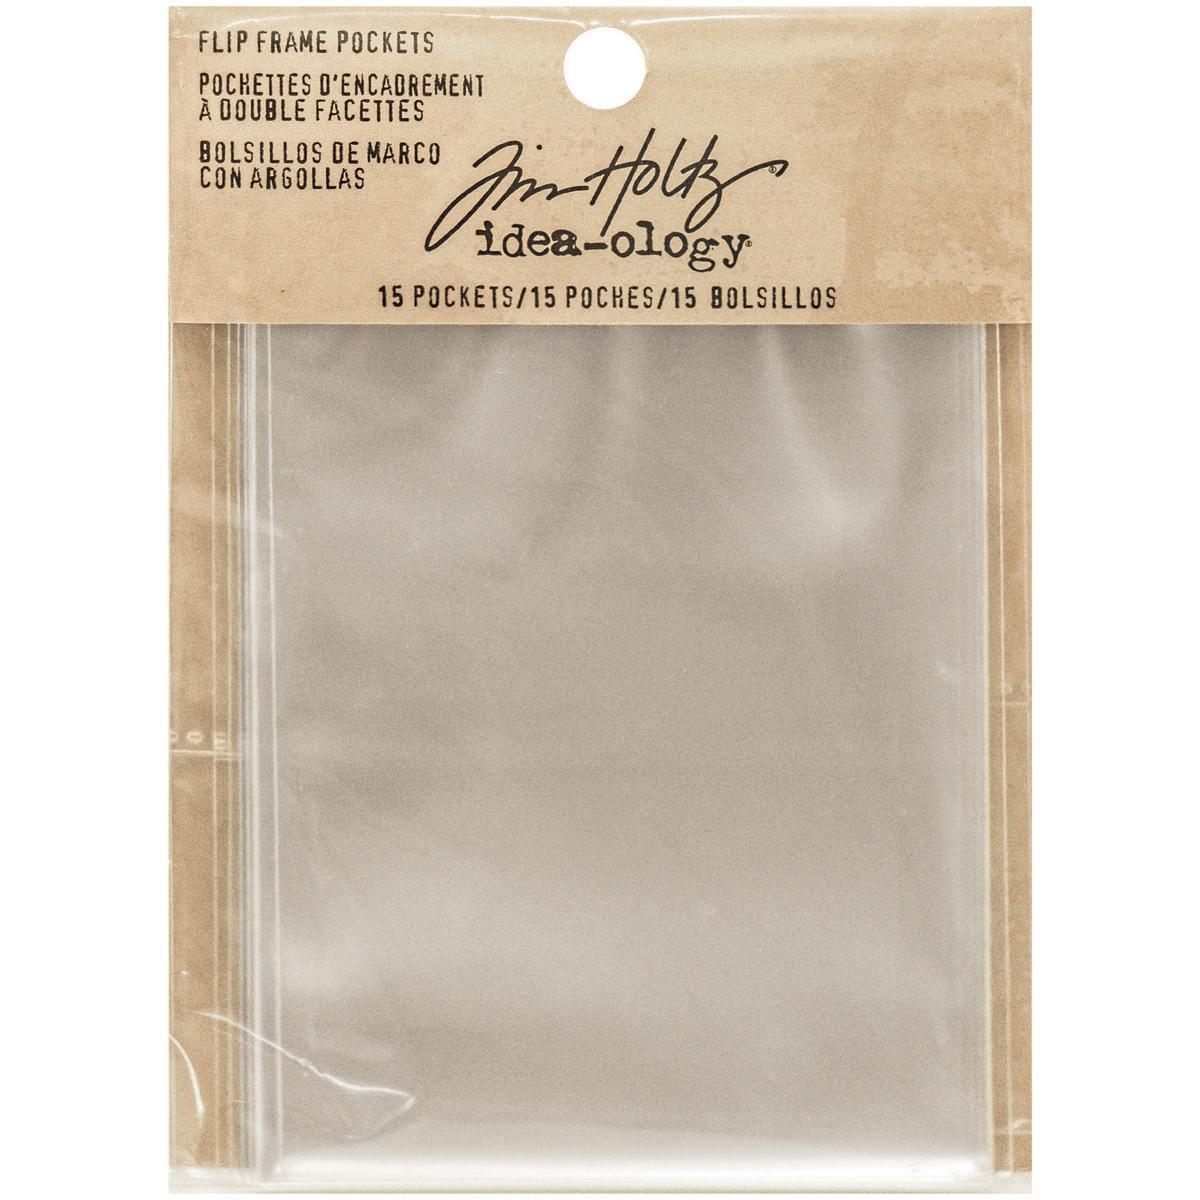 Tim Holtz Flip Frame Pockets